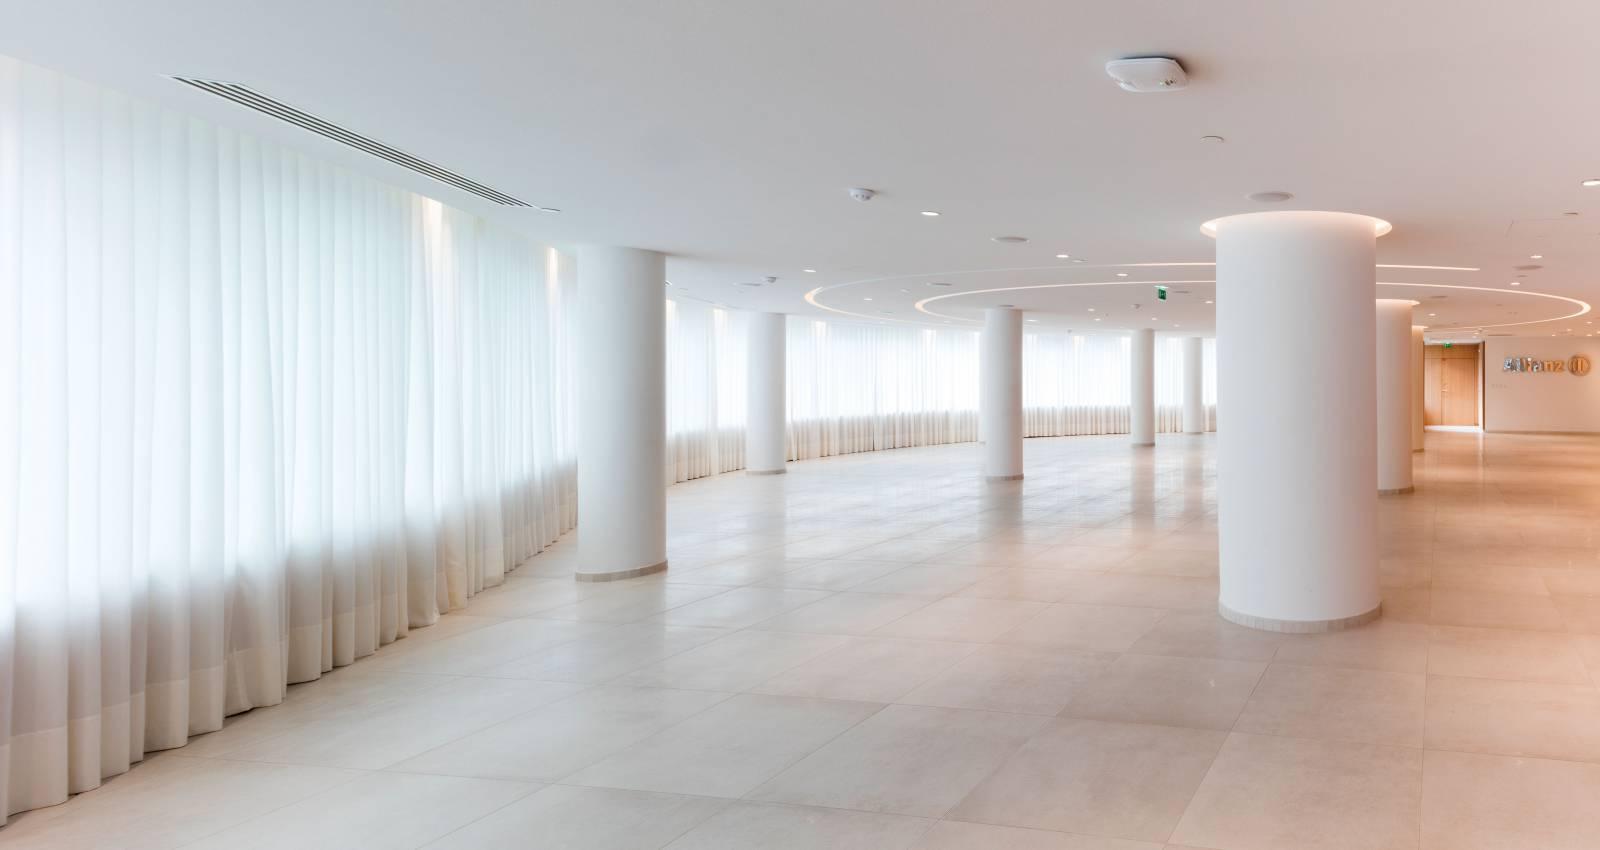 6 - Habillage de fenêtres pour Allianz